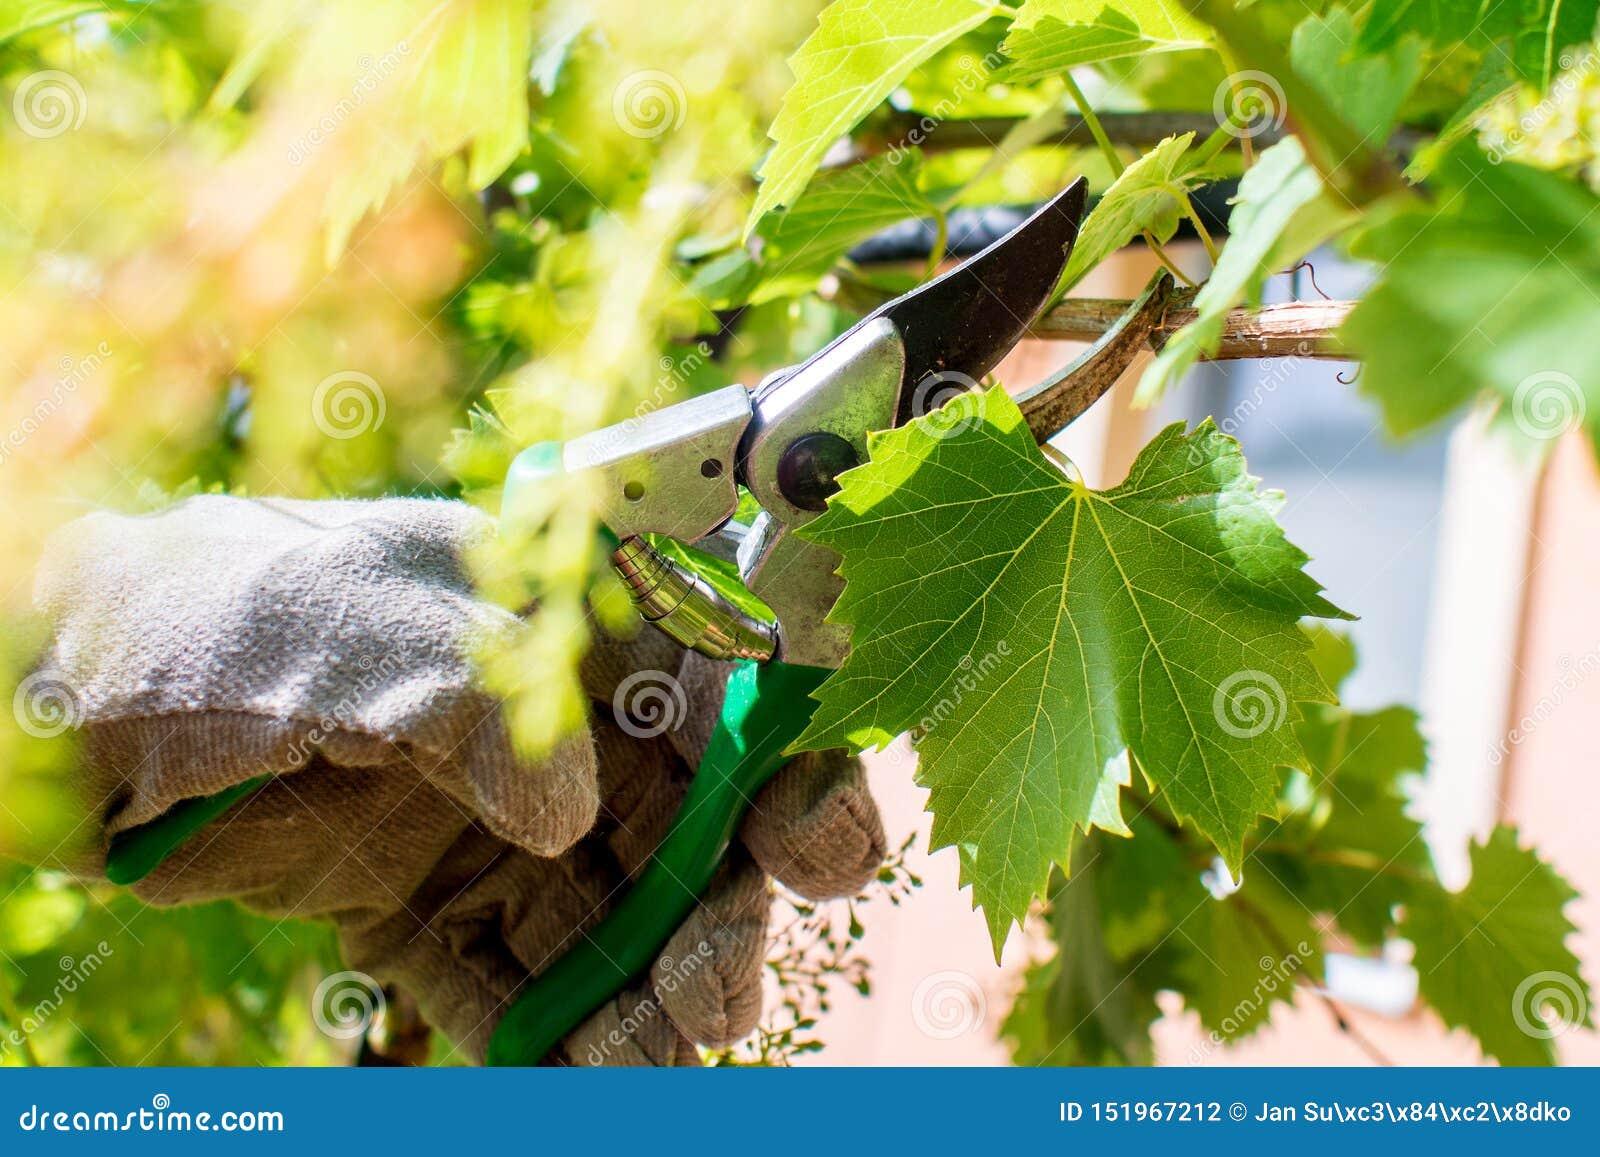 Arbeta i trädgård, vinrankadruvaklipp